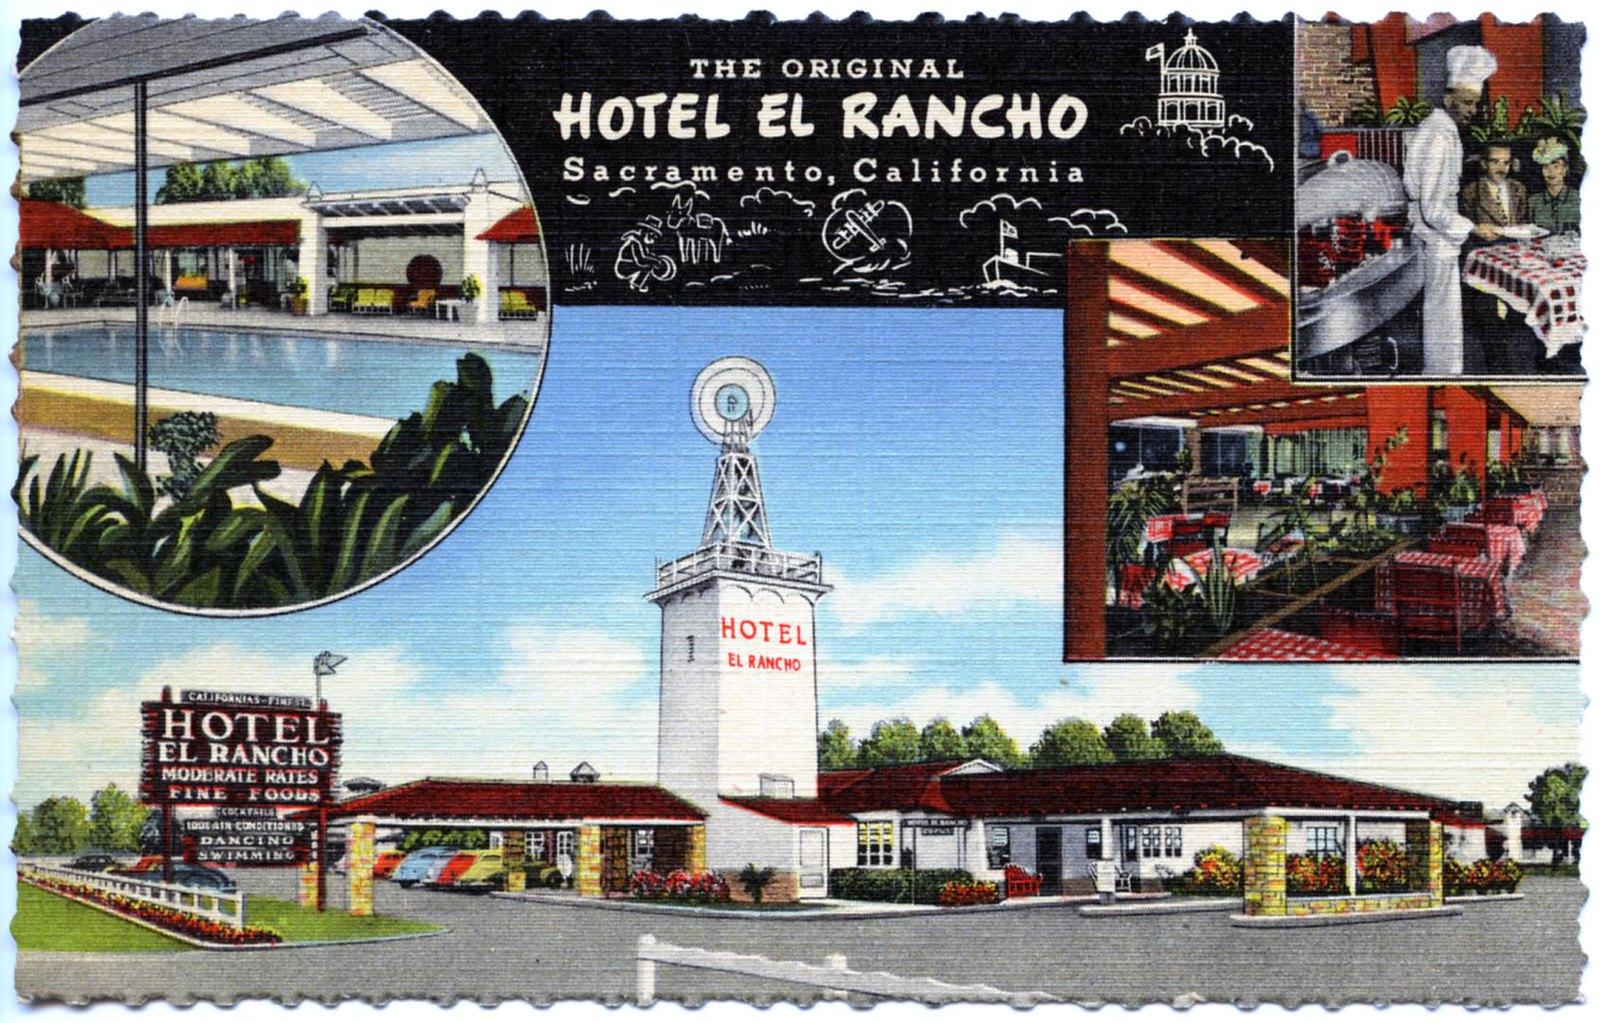 Hotel El Rancho Sacramento CA | by Edge and corner wear